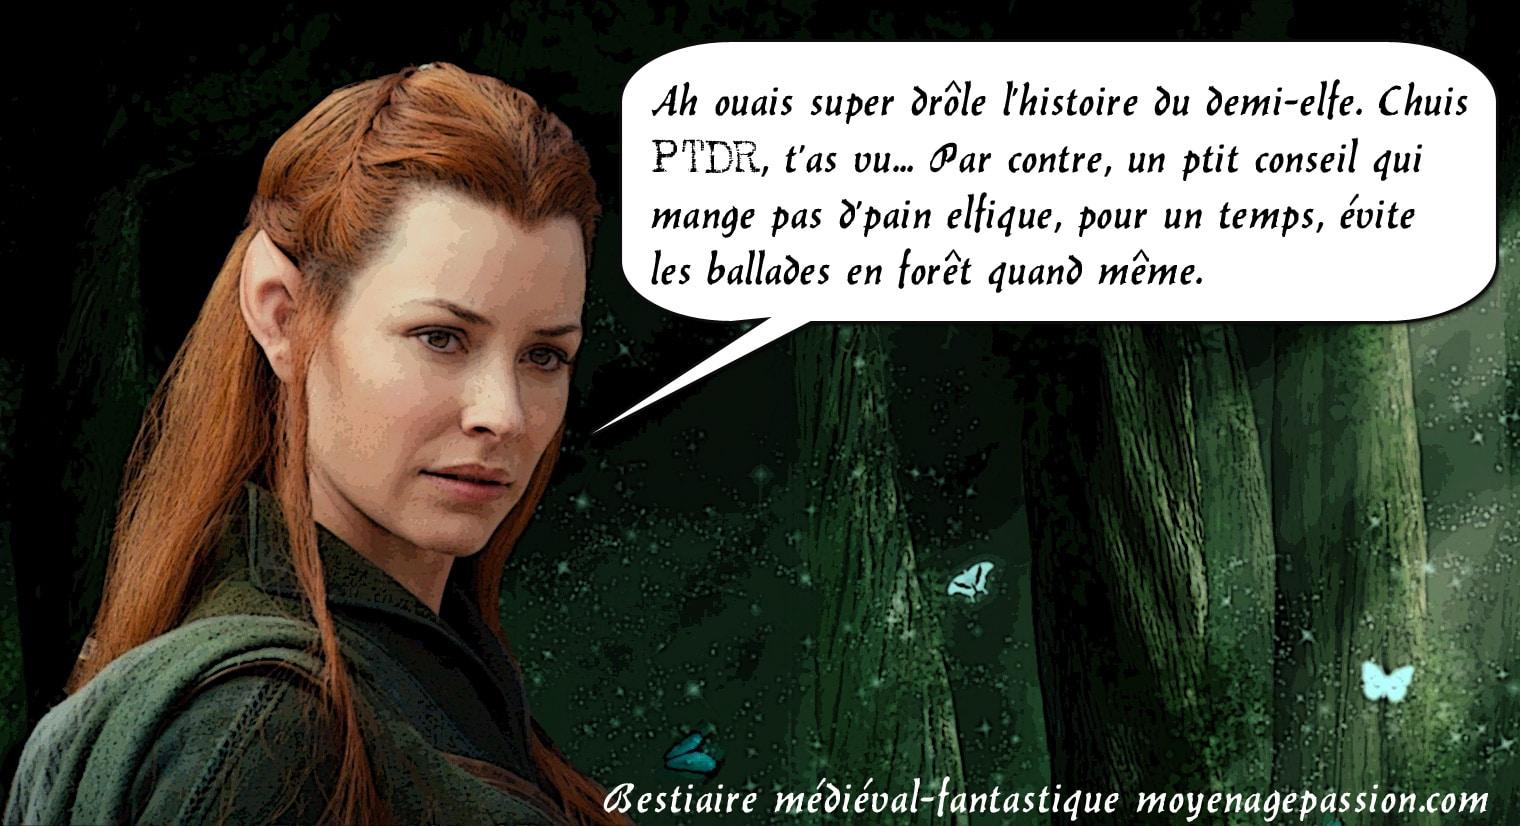 La très belle Tauriel, du Hobbit de Peter Jackson, ou le démenti de l'amour impossible entre elfe et nains